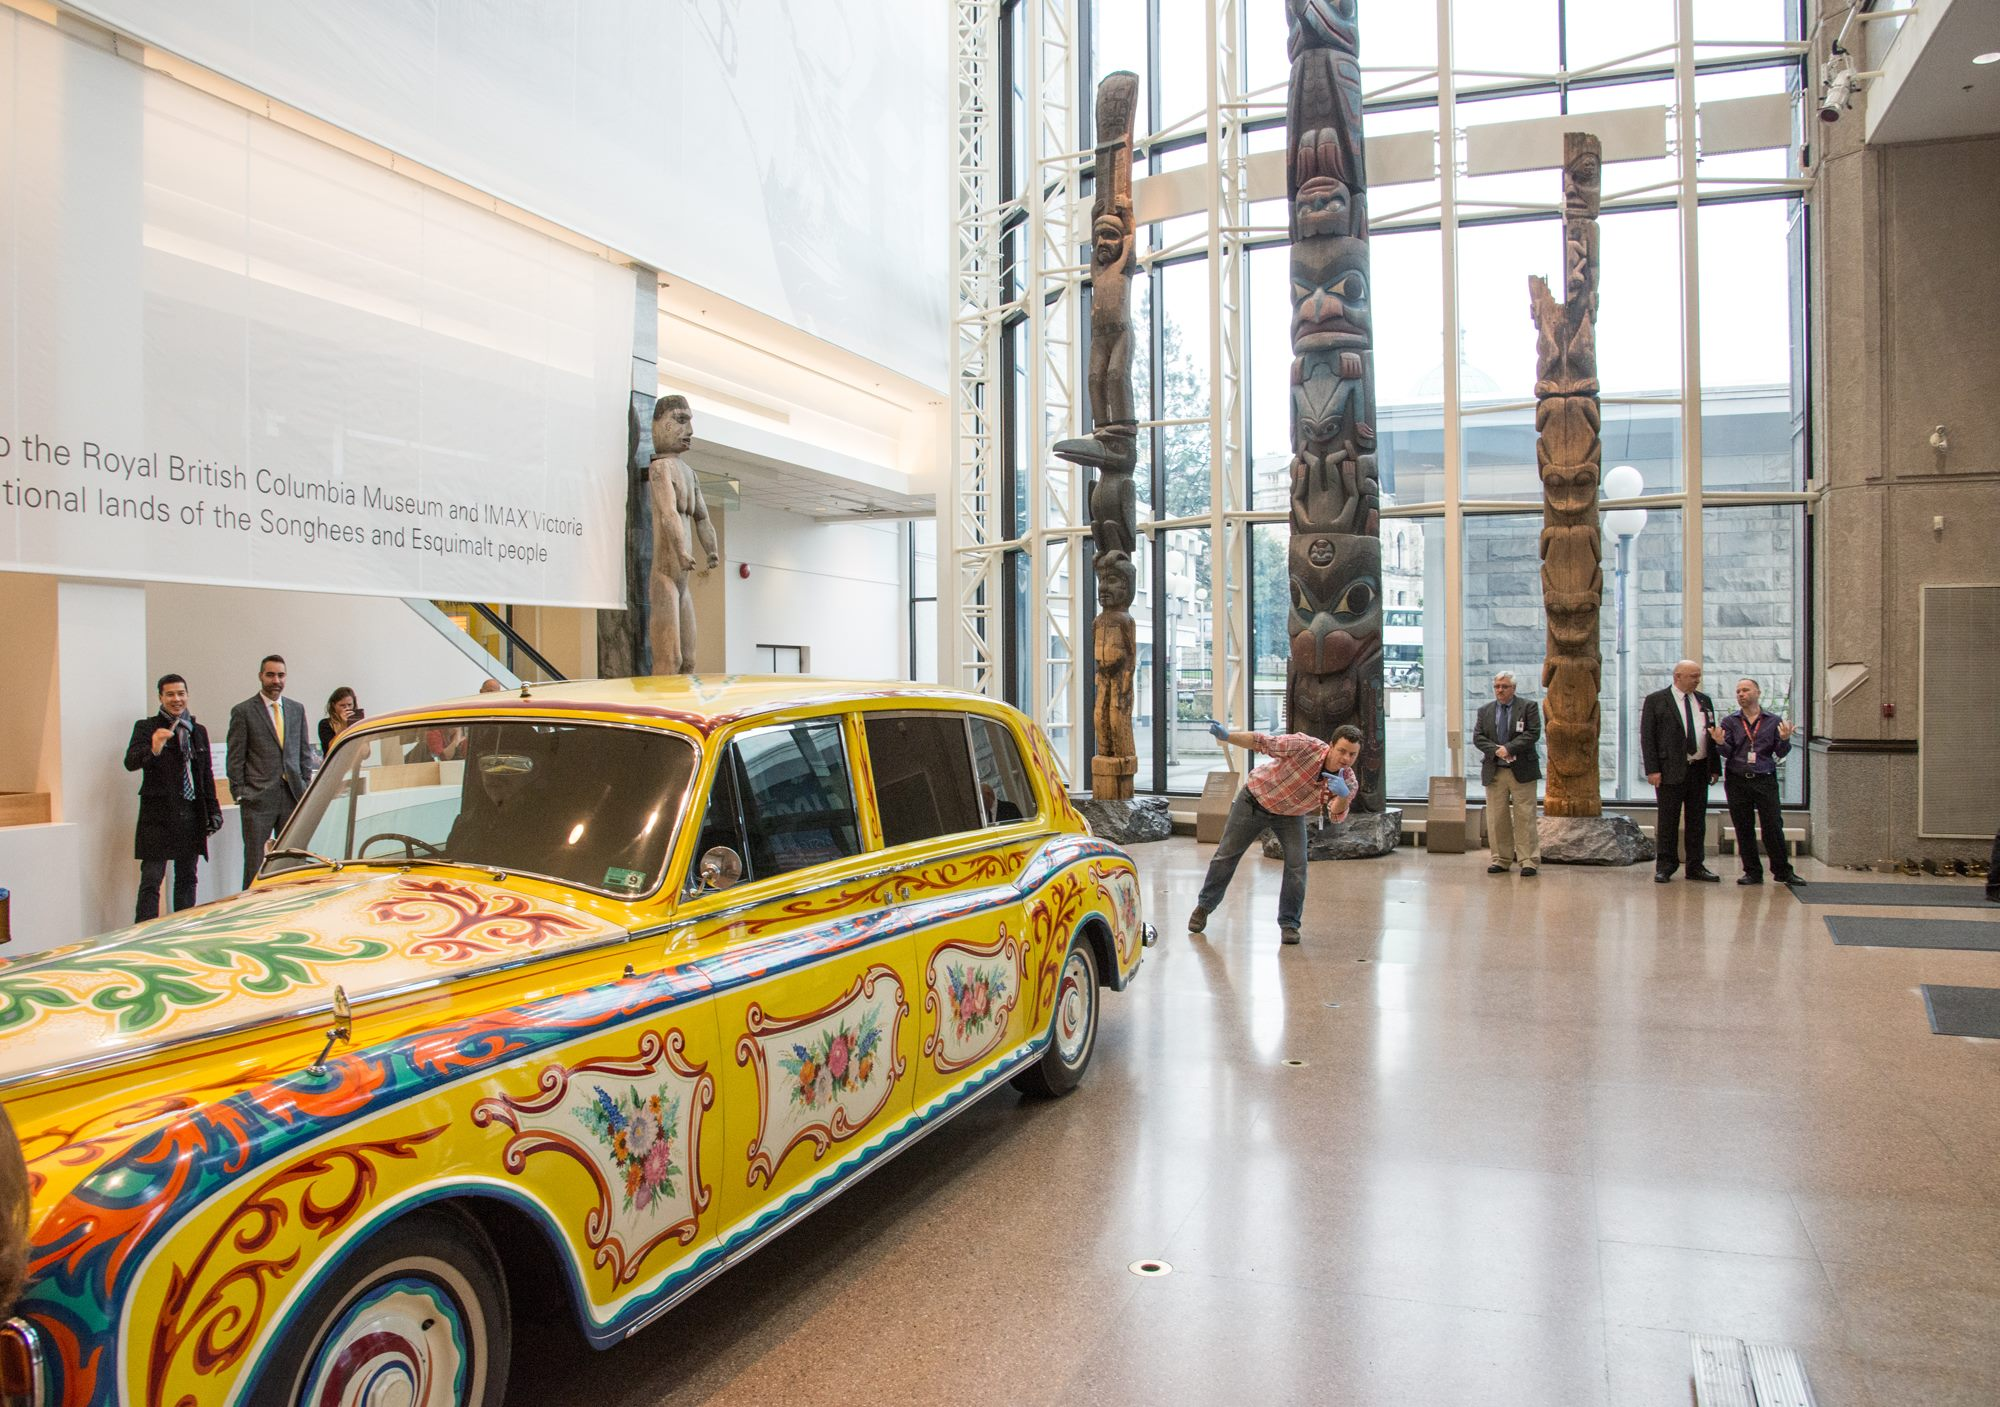 Royal BC Museum Facebook